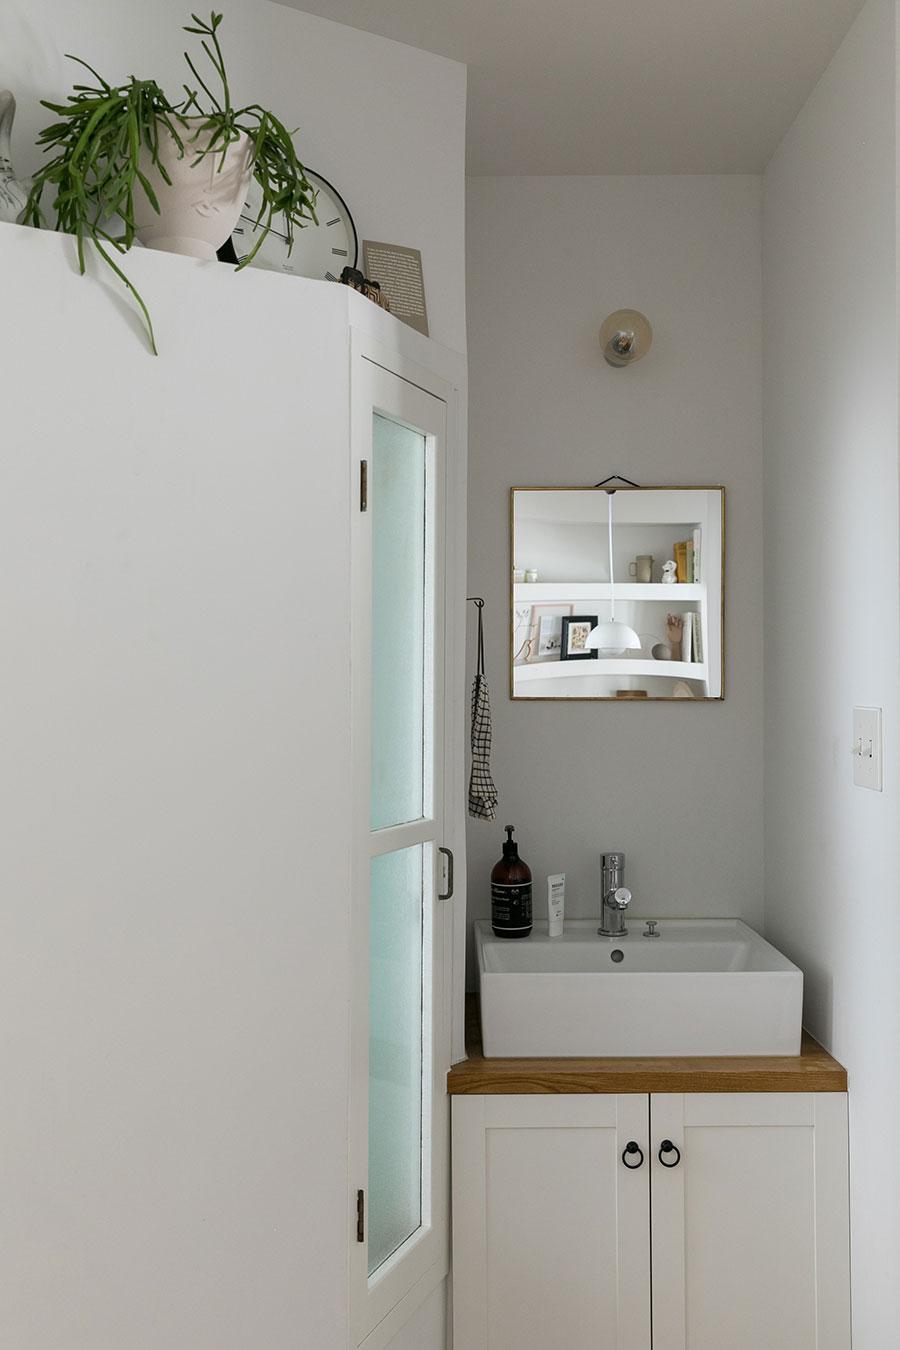 洗面台の左側はお風呂。「ここにも謎の可愛い窓がついています。換気のためかな」(Harunaさん)。